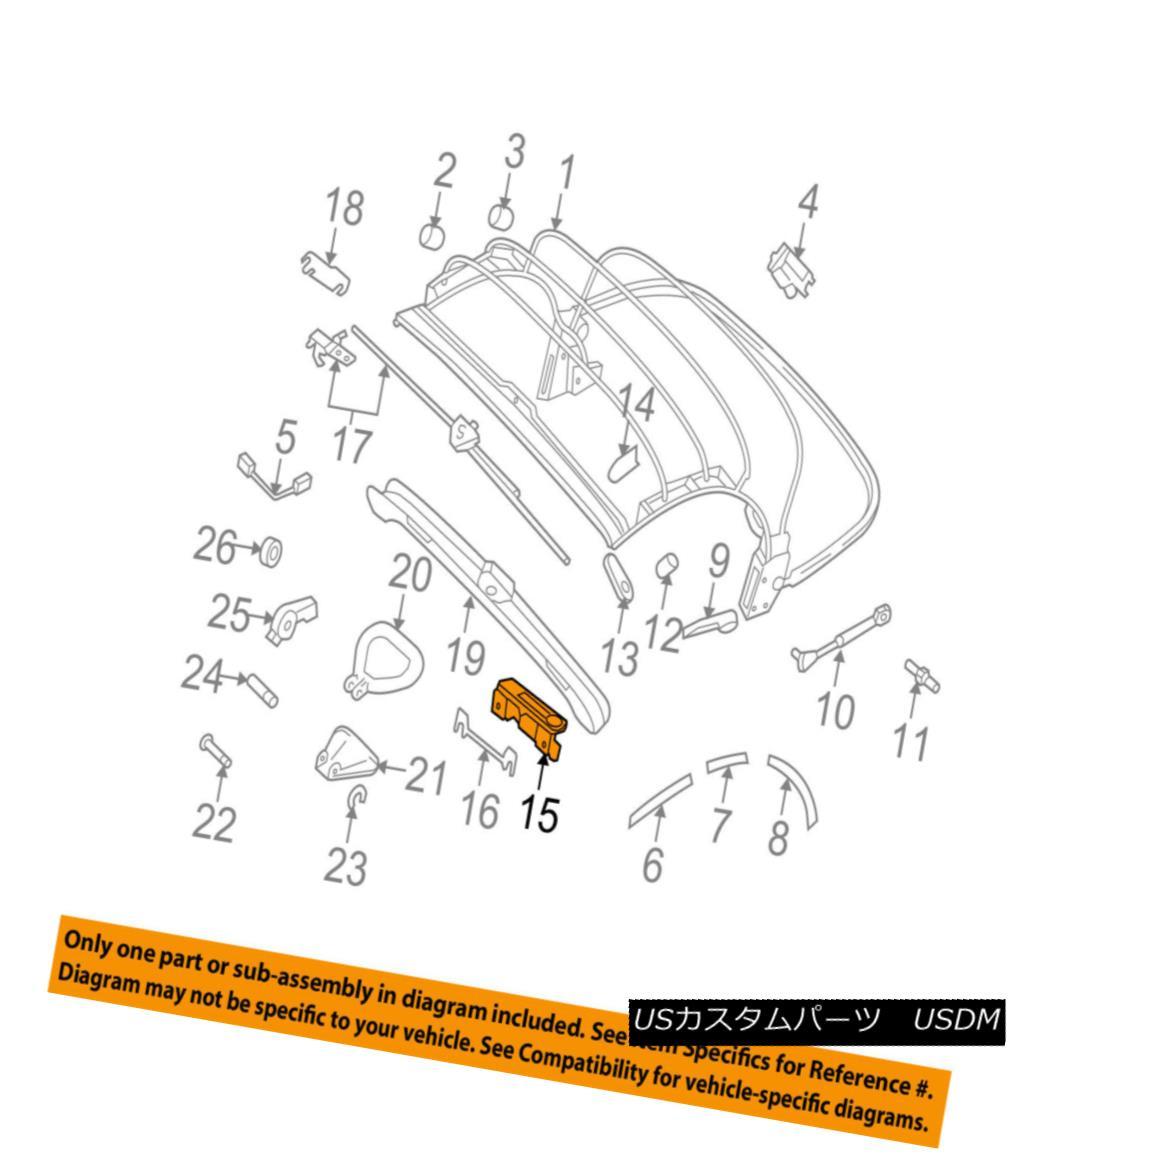 幌・ソフトトップ VW VOLKSWAGEN OEM 03-10 Beetle Convertible/soft Top-Lock Left 1Y0871547D VWフォルクスワーゲンOEM 03-10ビートルカブリオレ/ so ftトップロック左1Y0871547D